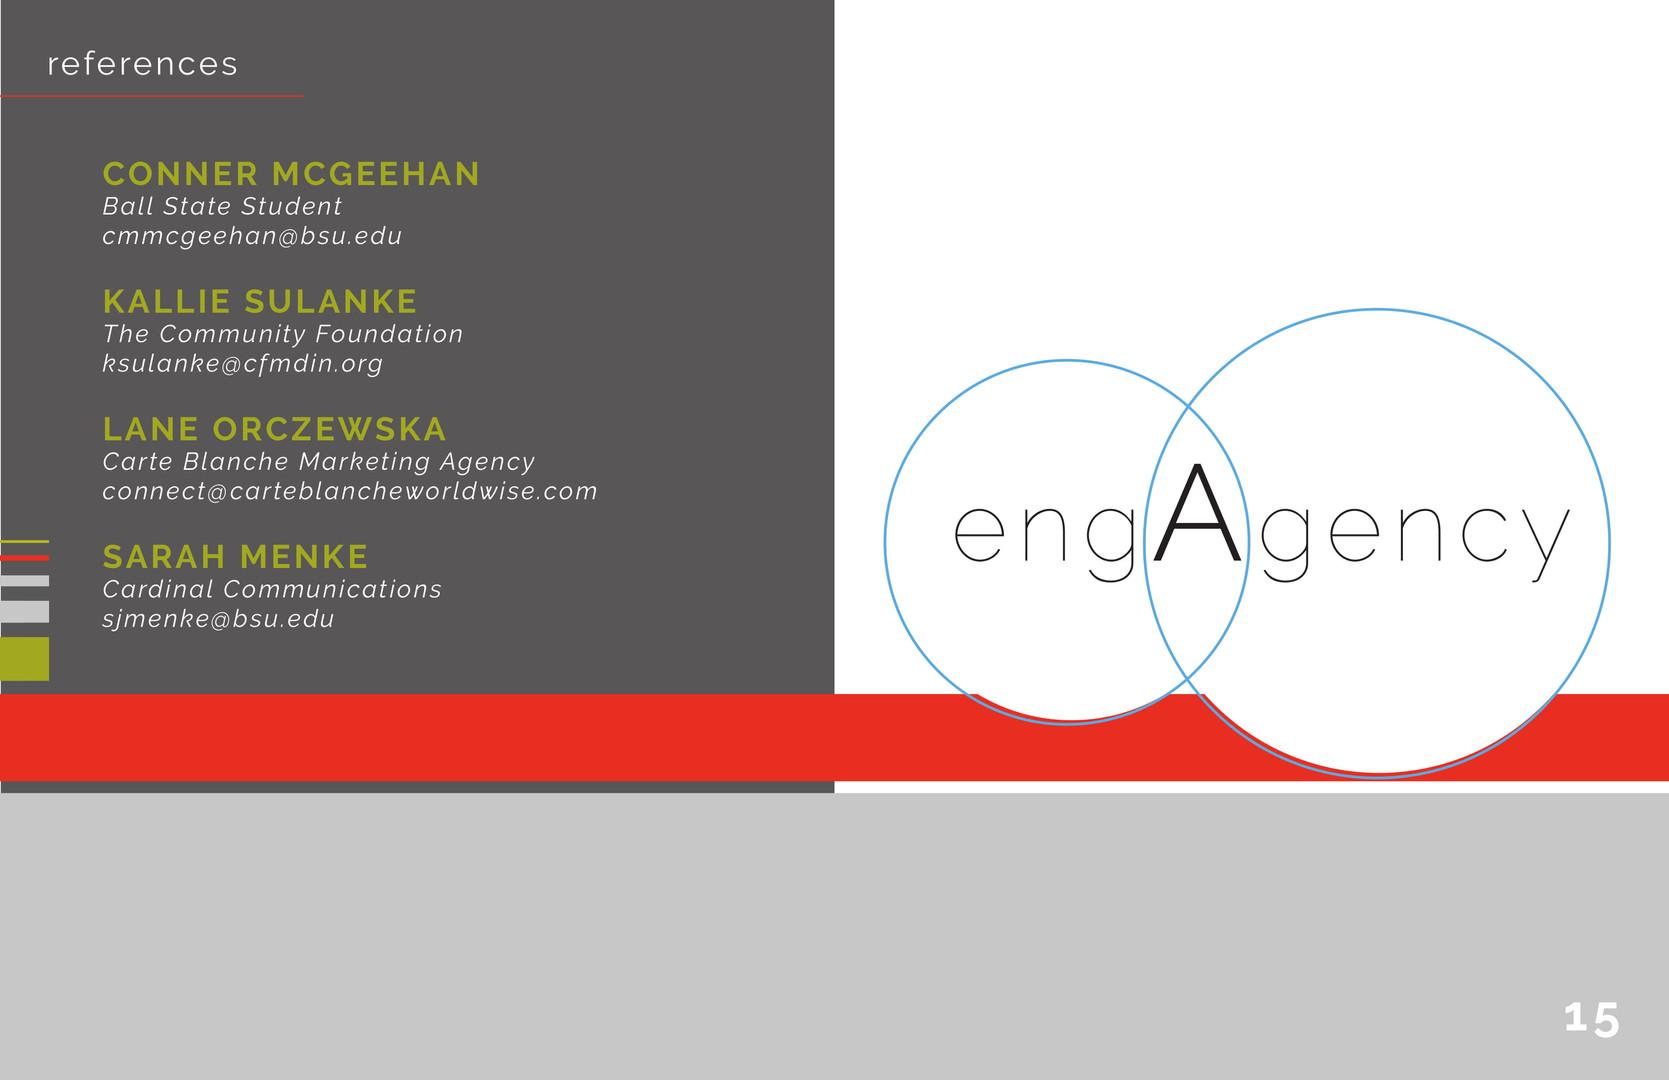 engagency-rfp-16.jpg